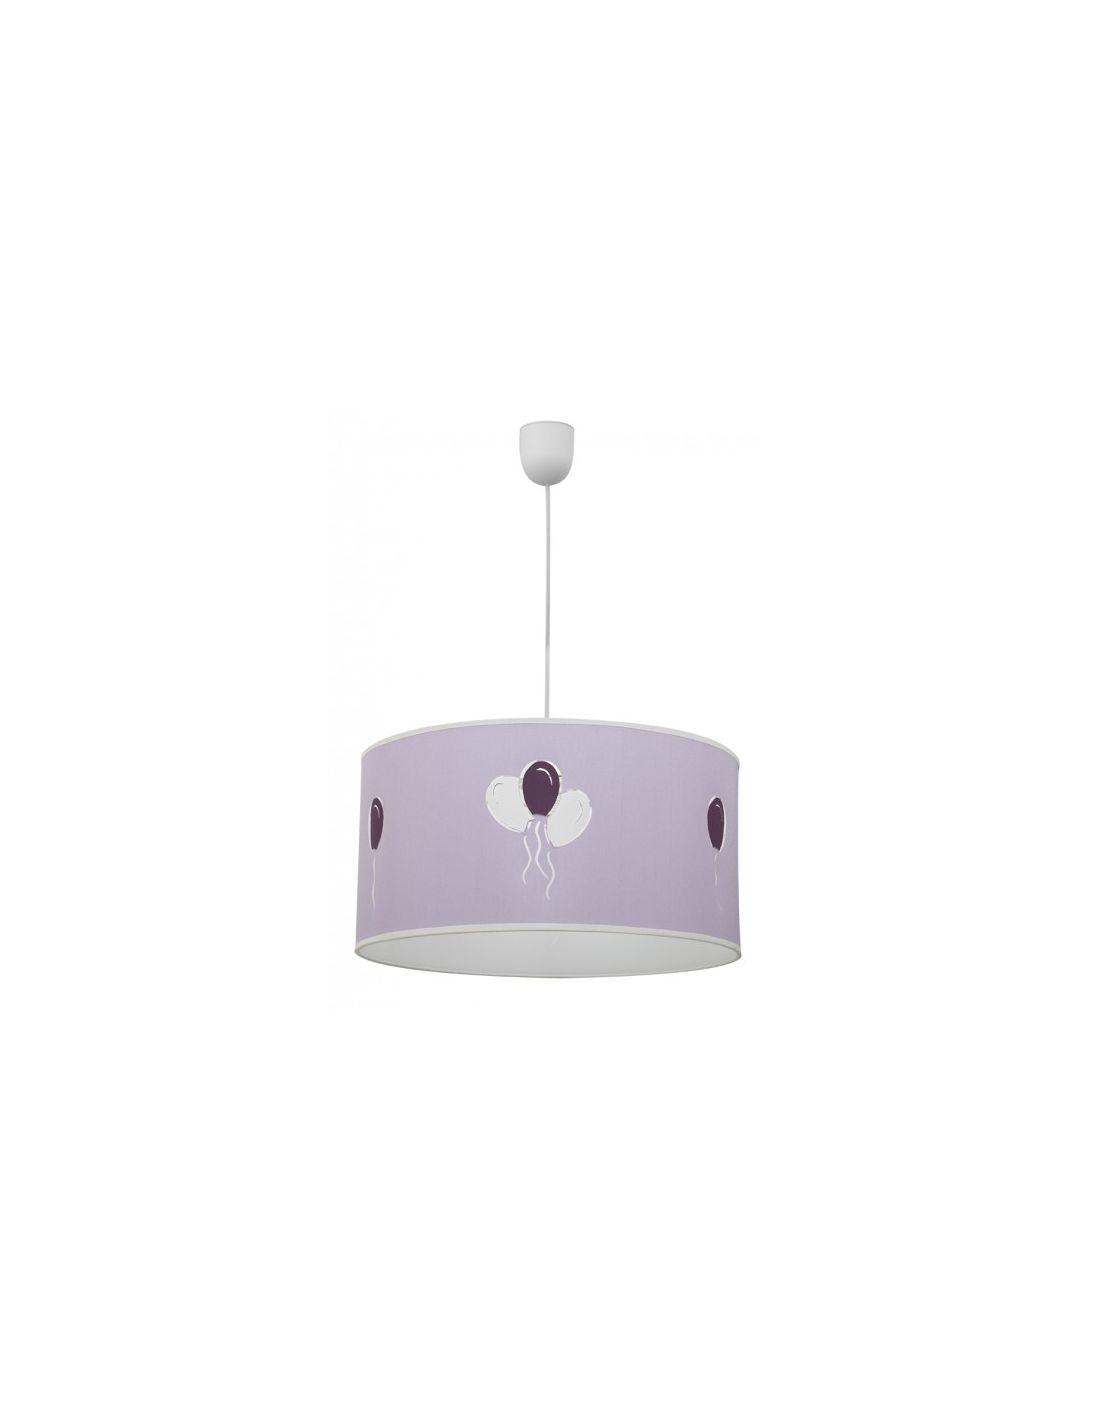 Decoraci n dormitorio infantil lila l mparas - Precios de lamparas ...